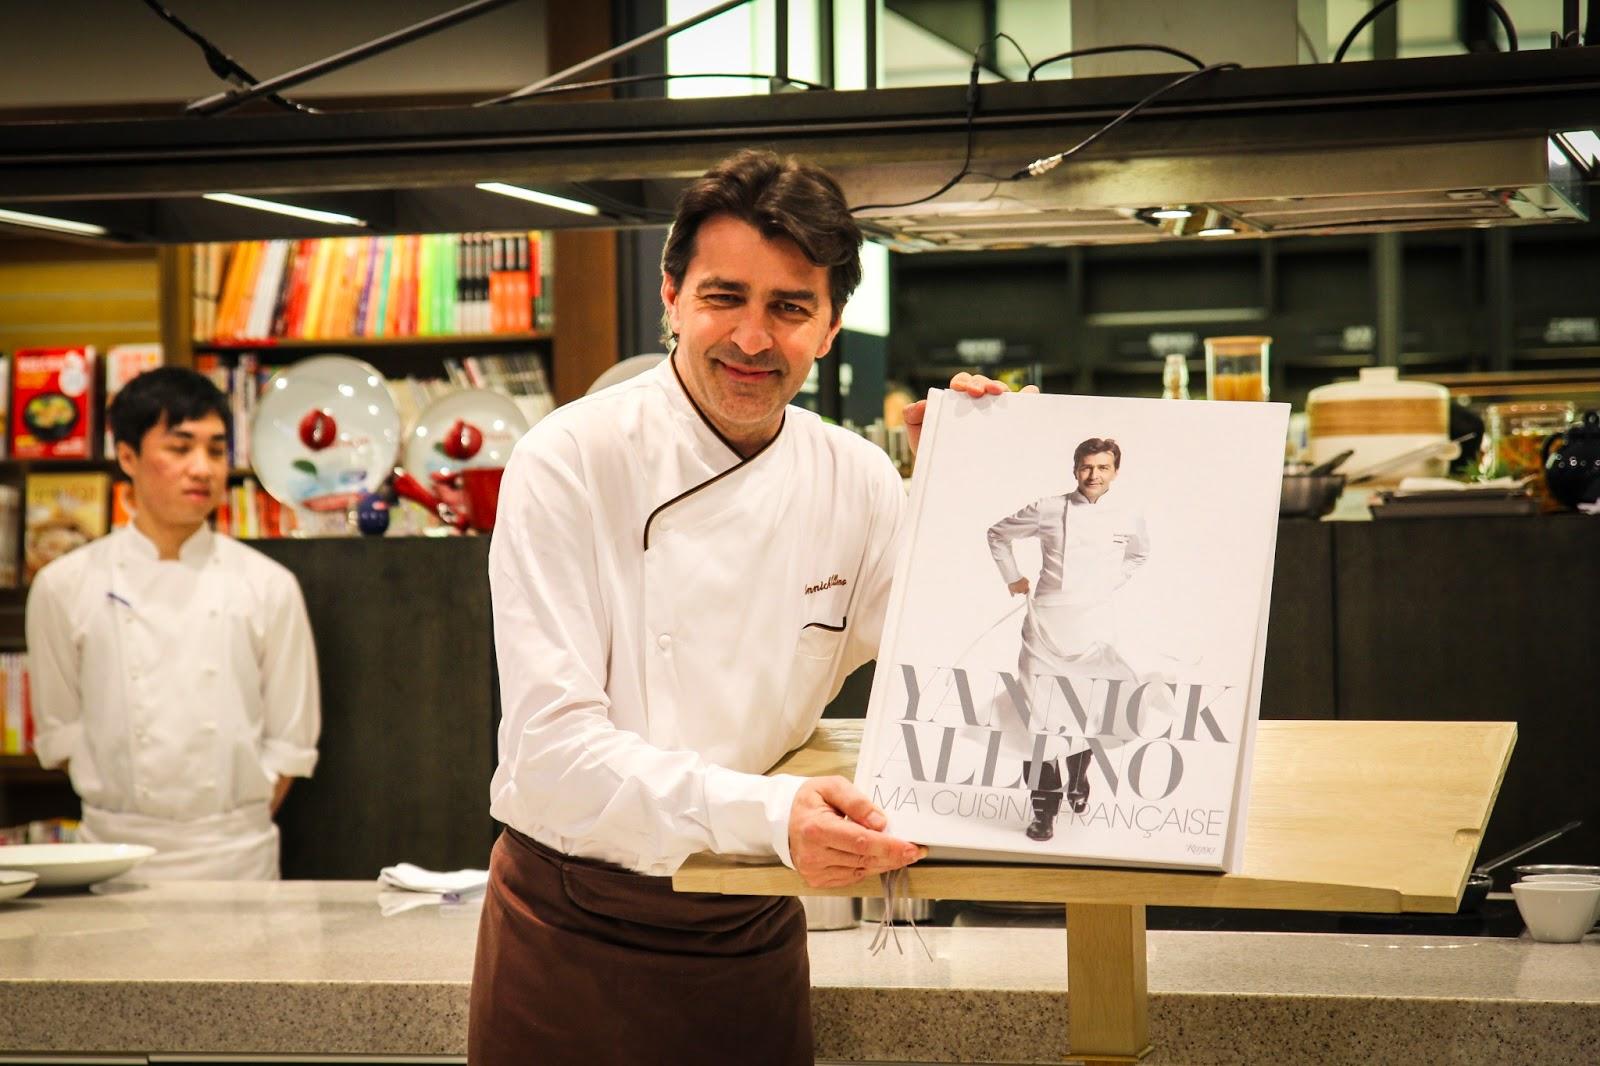 美食家的自學之路: 【飲食新聞】米其林三星名廚雅尼克.亞蘭諾Yannick Alléno來臺舉辦新書發表會